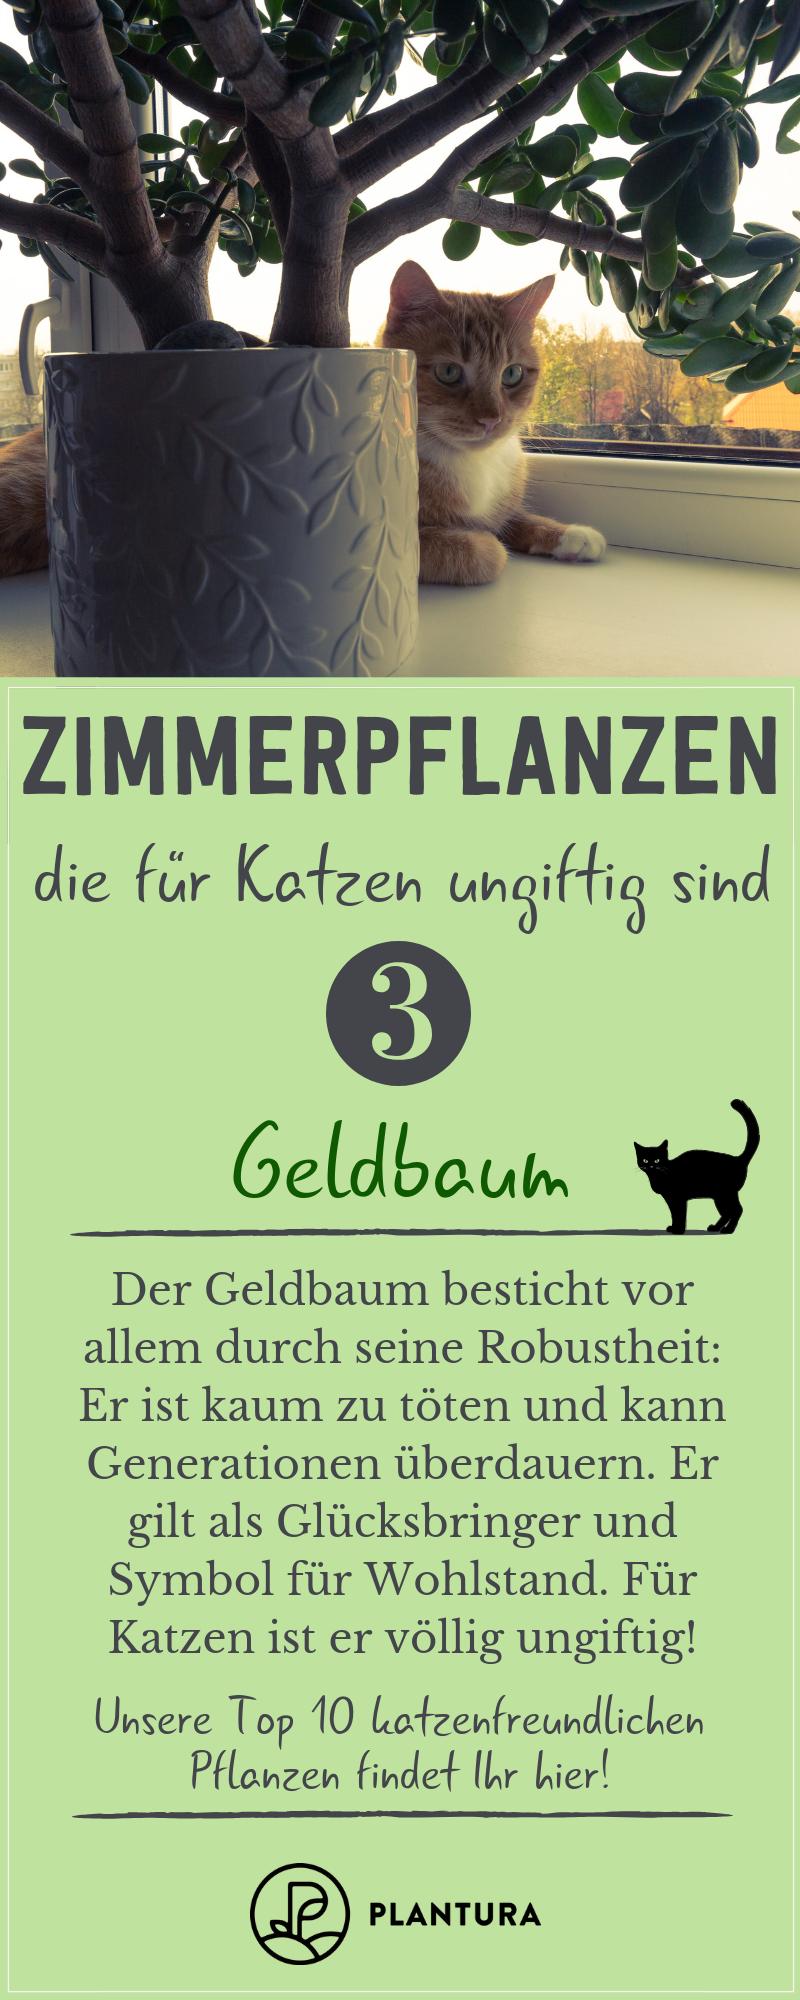 Ungiftige Zimmerpflanzen für Katzen: Unsere Top 10 - Plantura